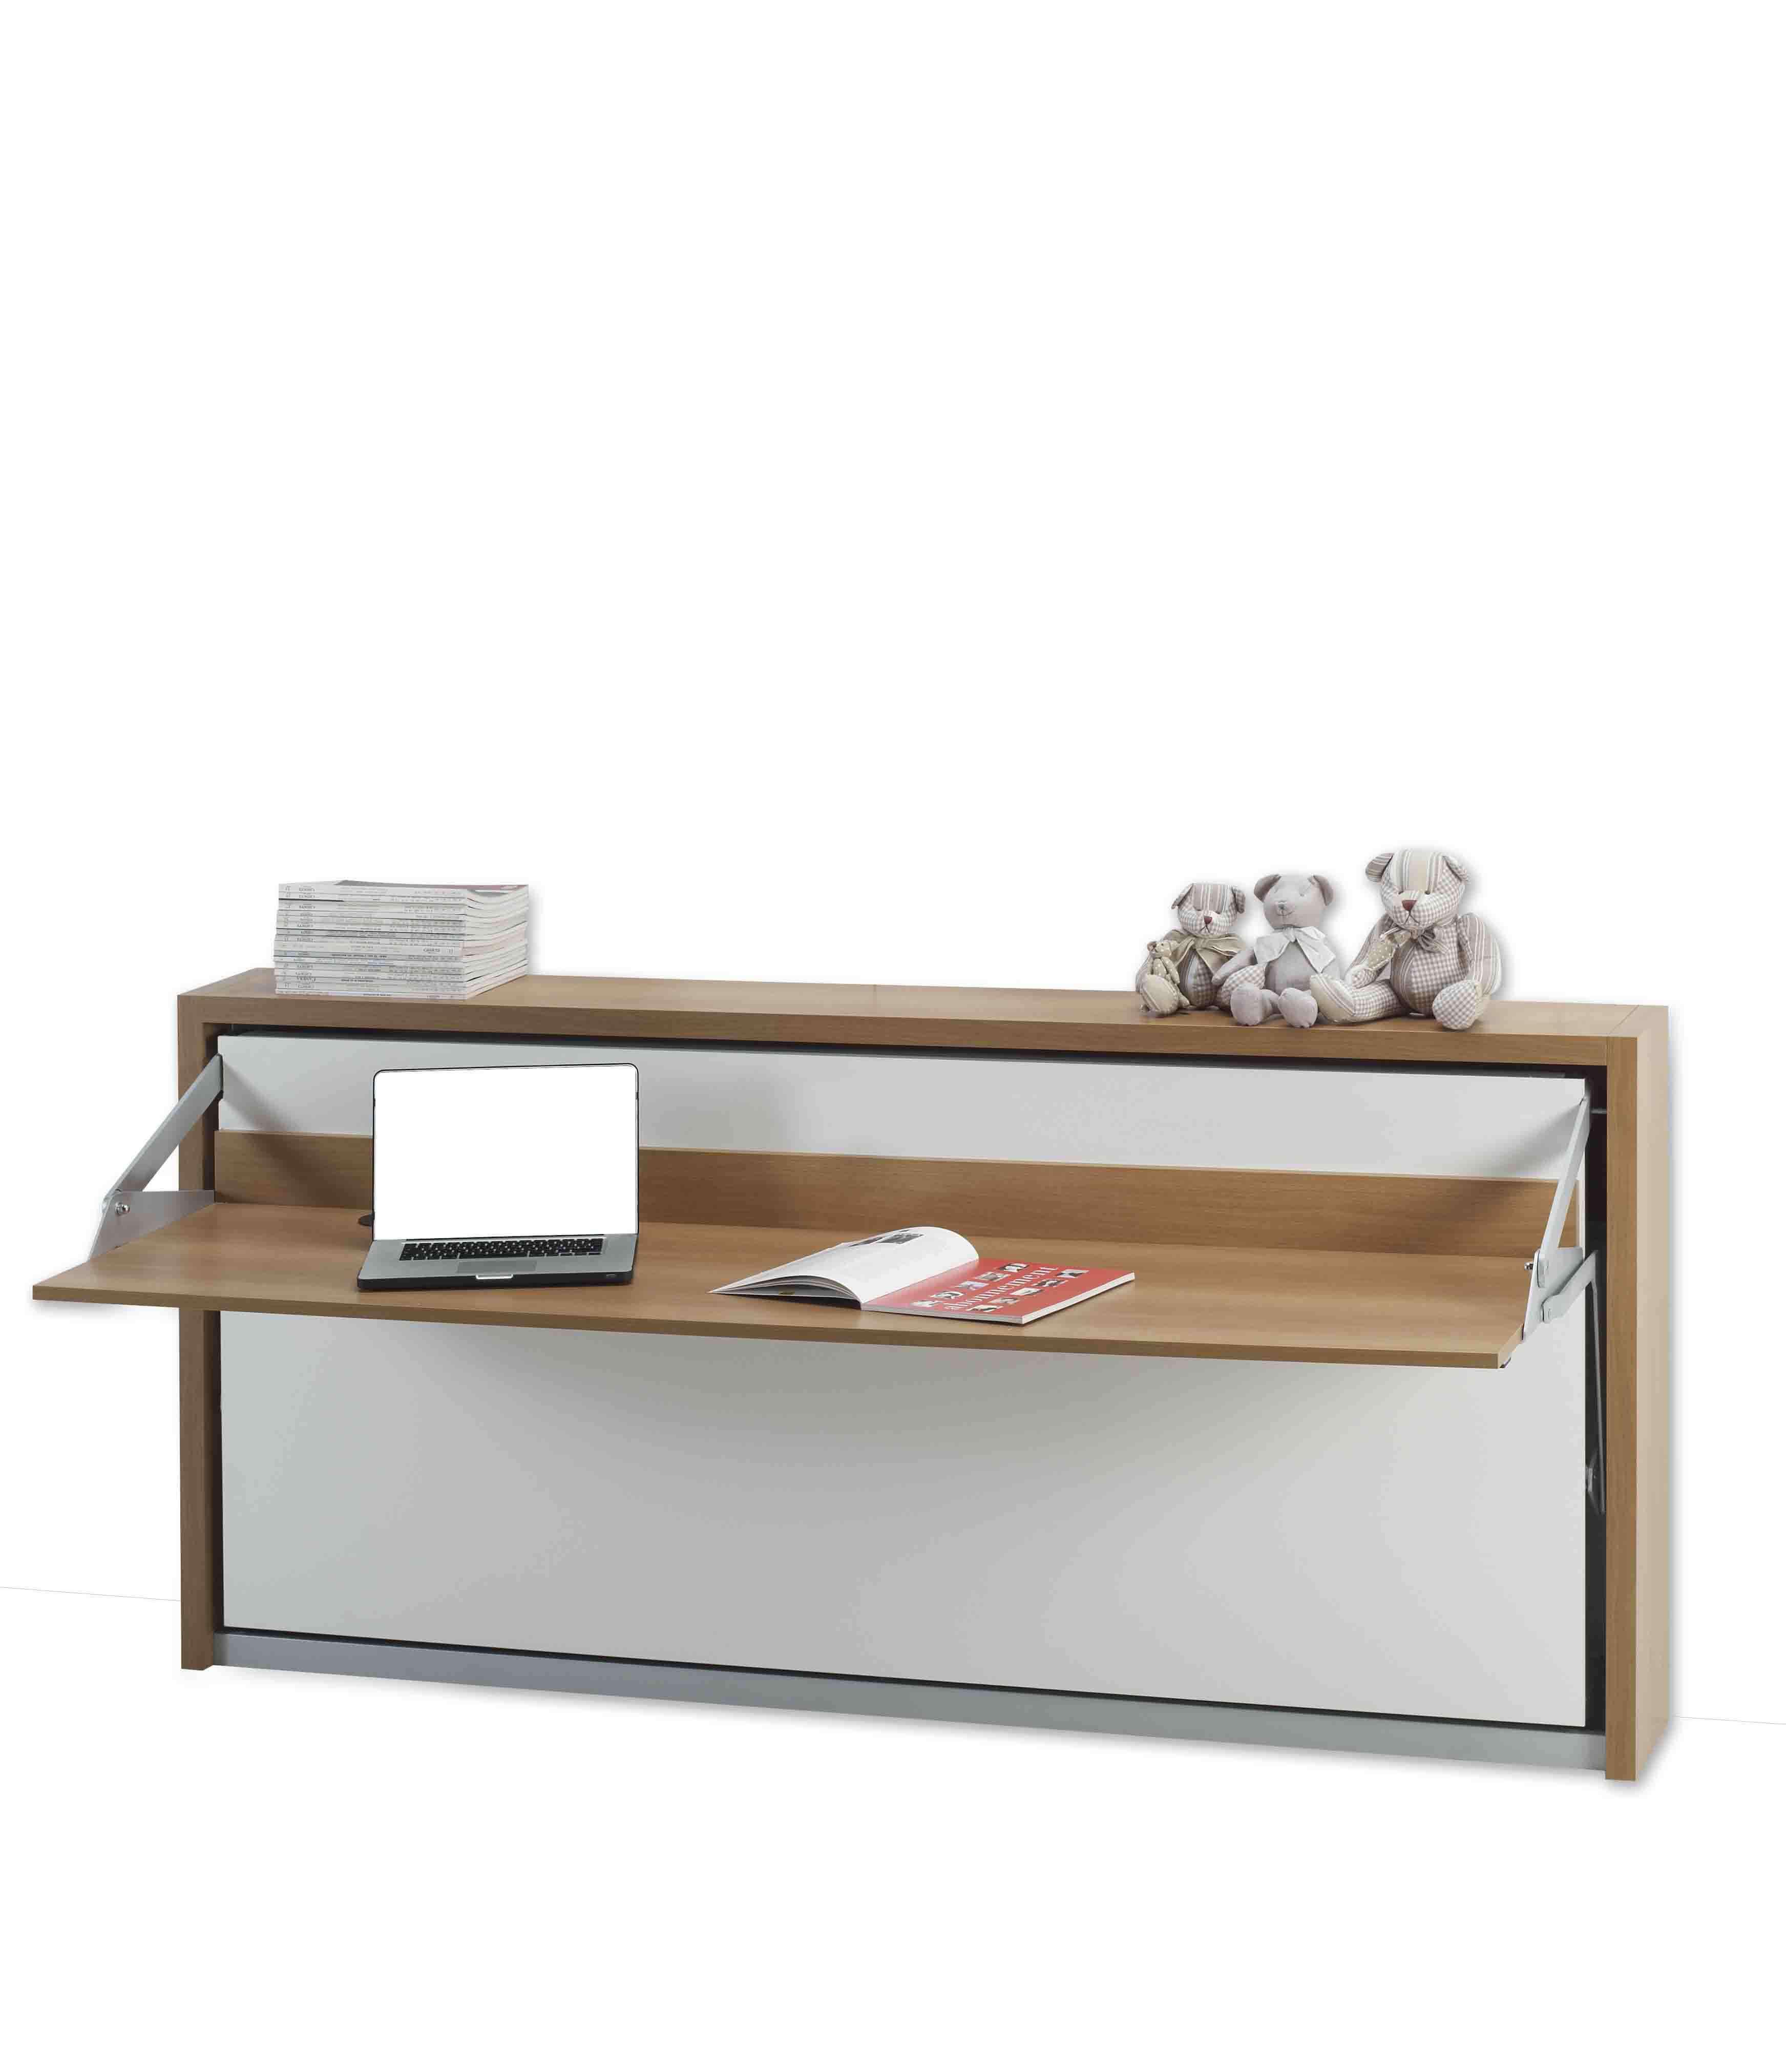 Letto a scomparsa con scrivania modello scrivio in offerta for Mobile con letto a scomparsa ikea